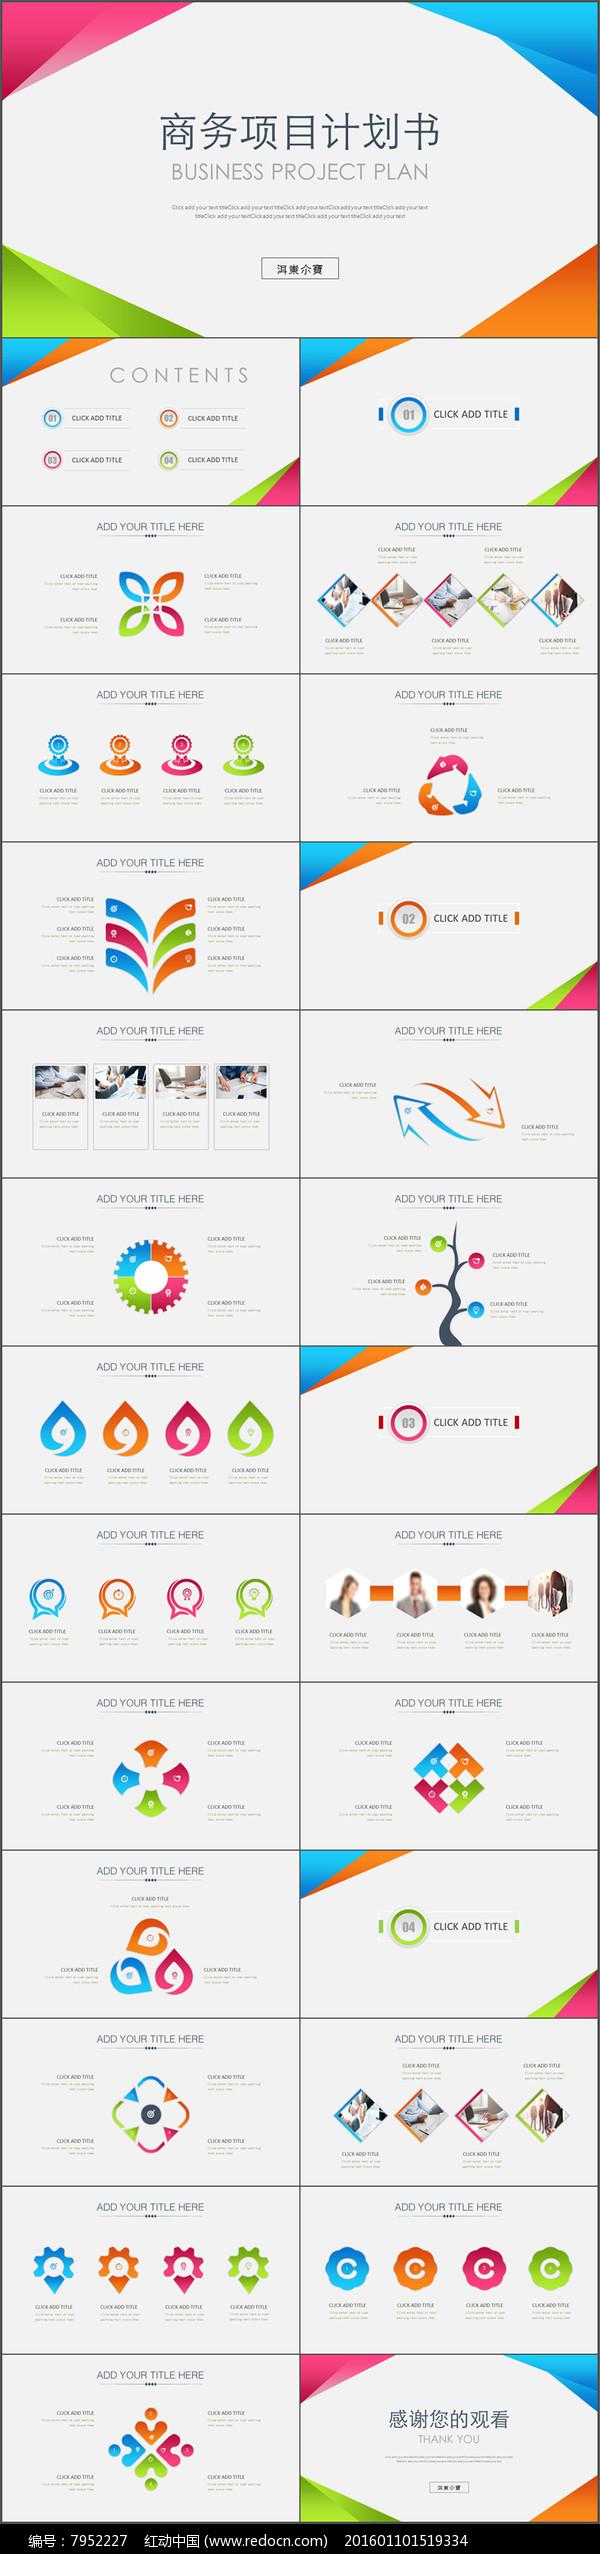 企业项目策划书_商业计划书营销策划书商务项目企业宣传ppt模板图片